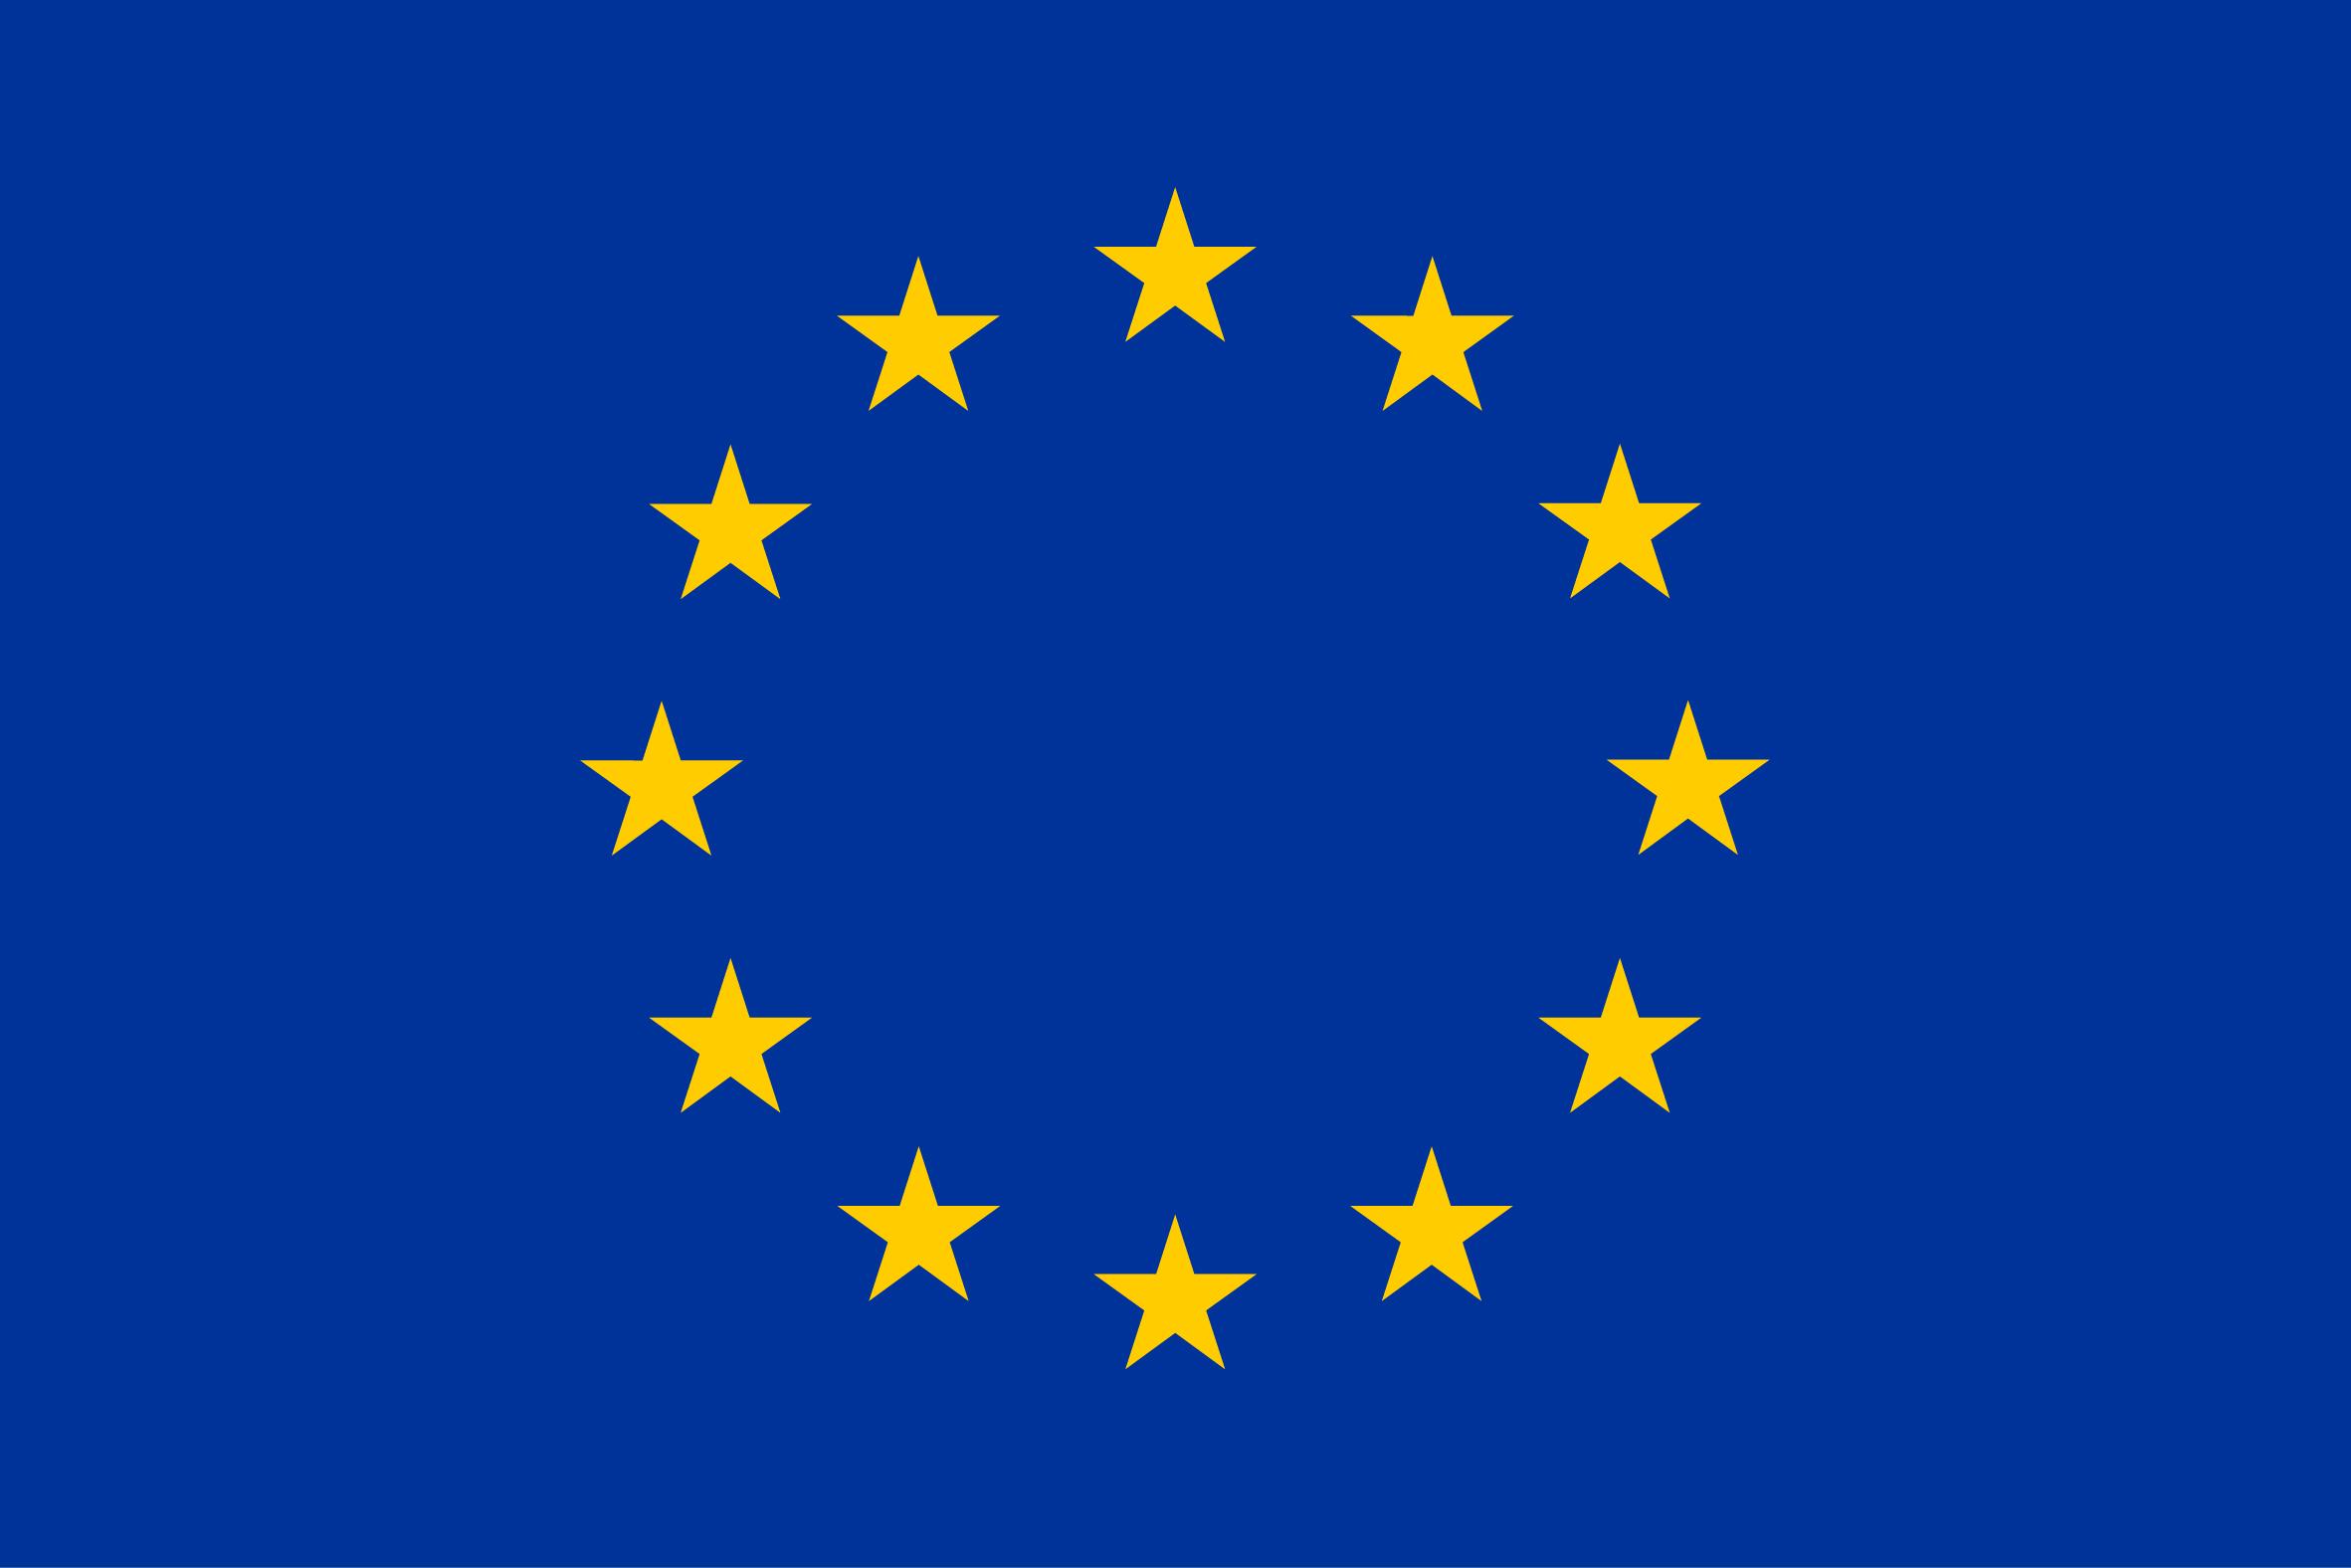 L'Europe s'engage dans le Massif central avec le fonds européen de développement régional.